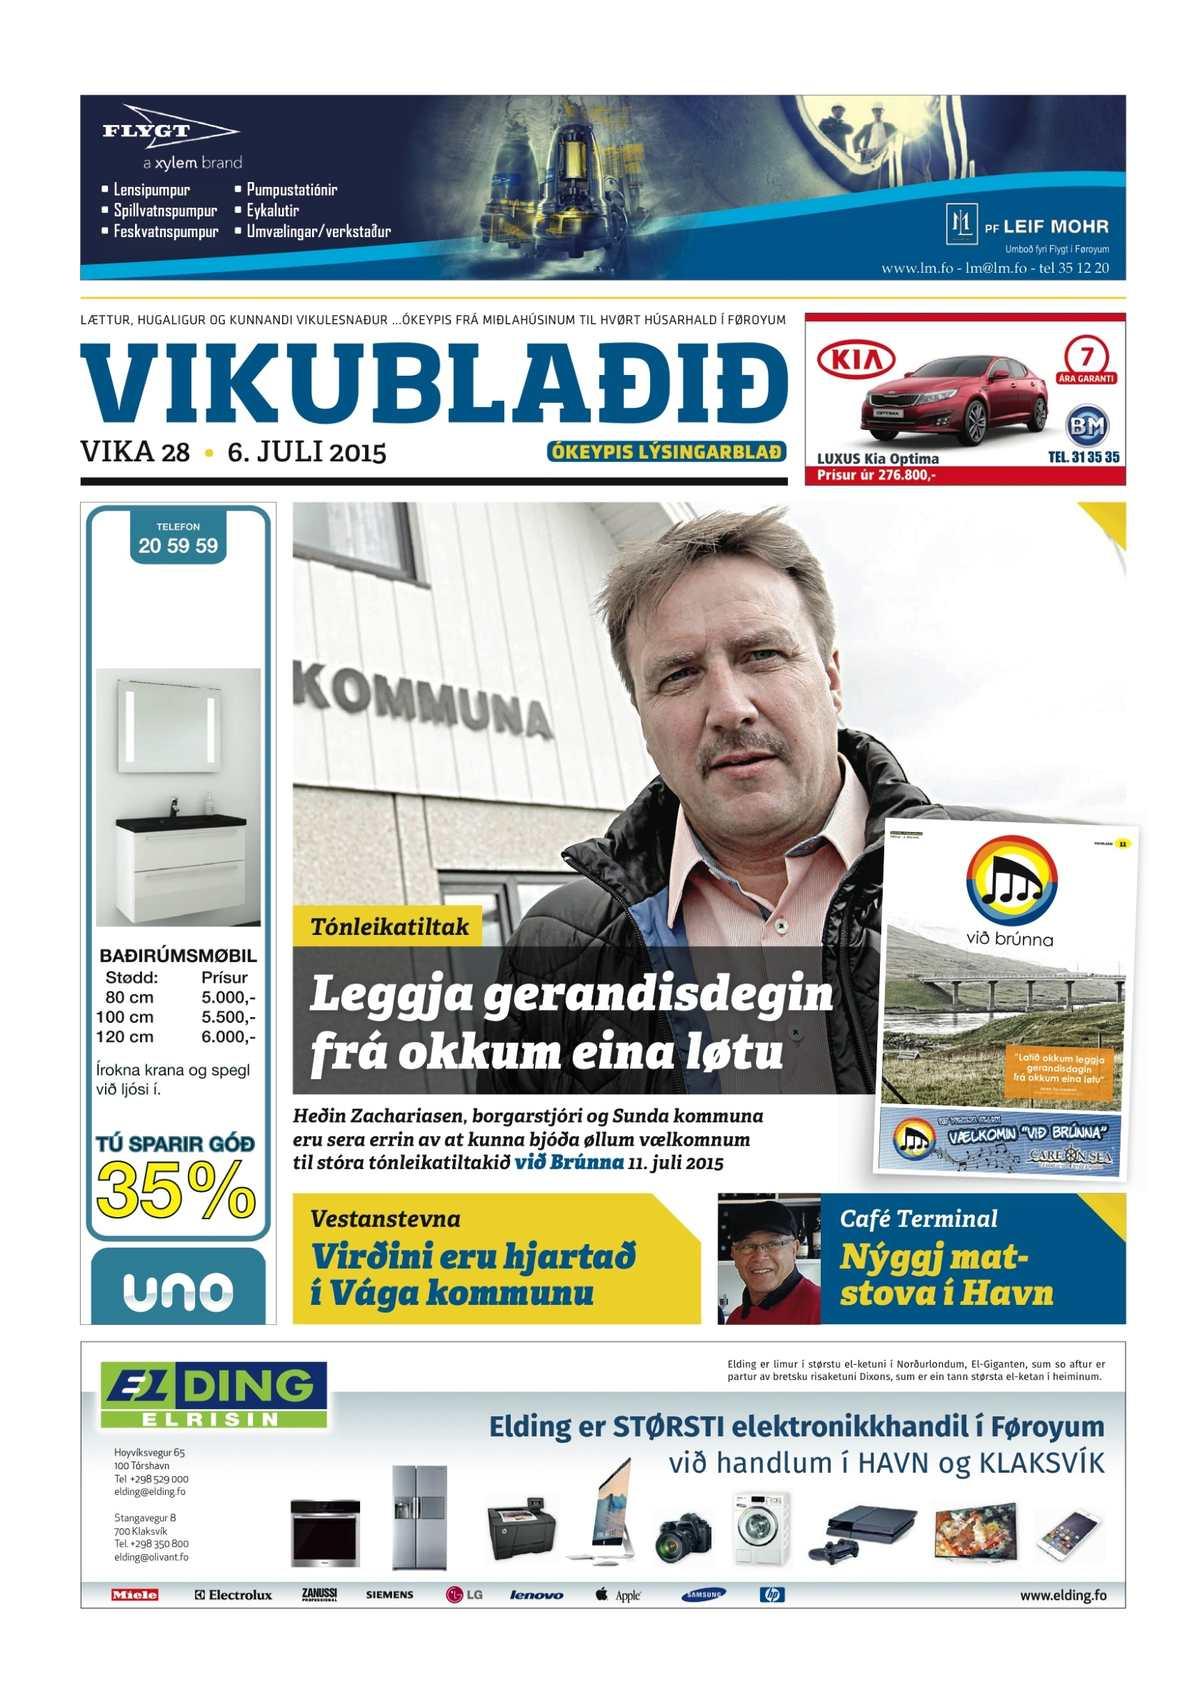 Vikublaðið 6. juli 2015